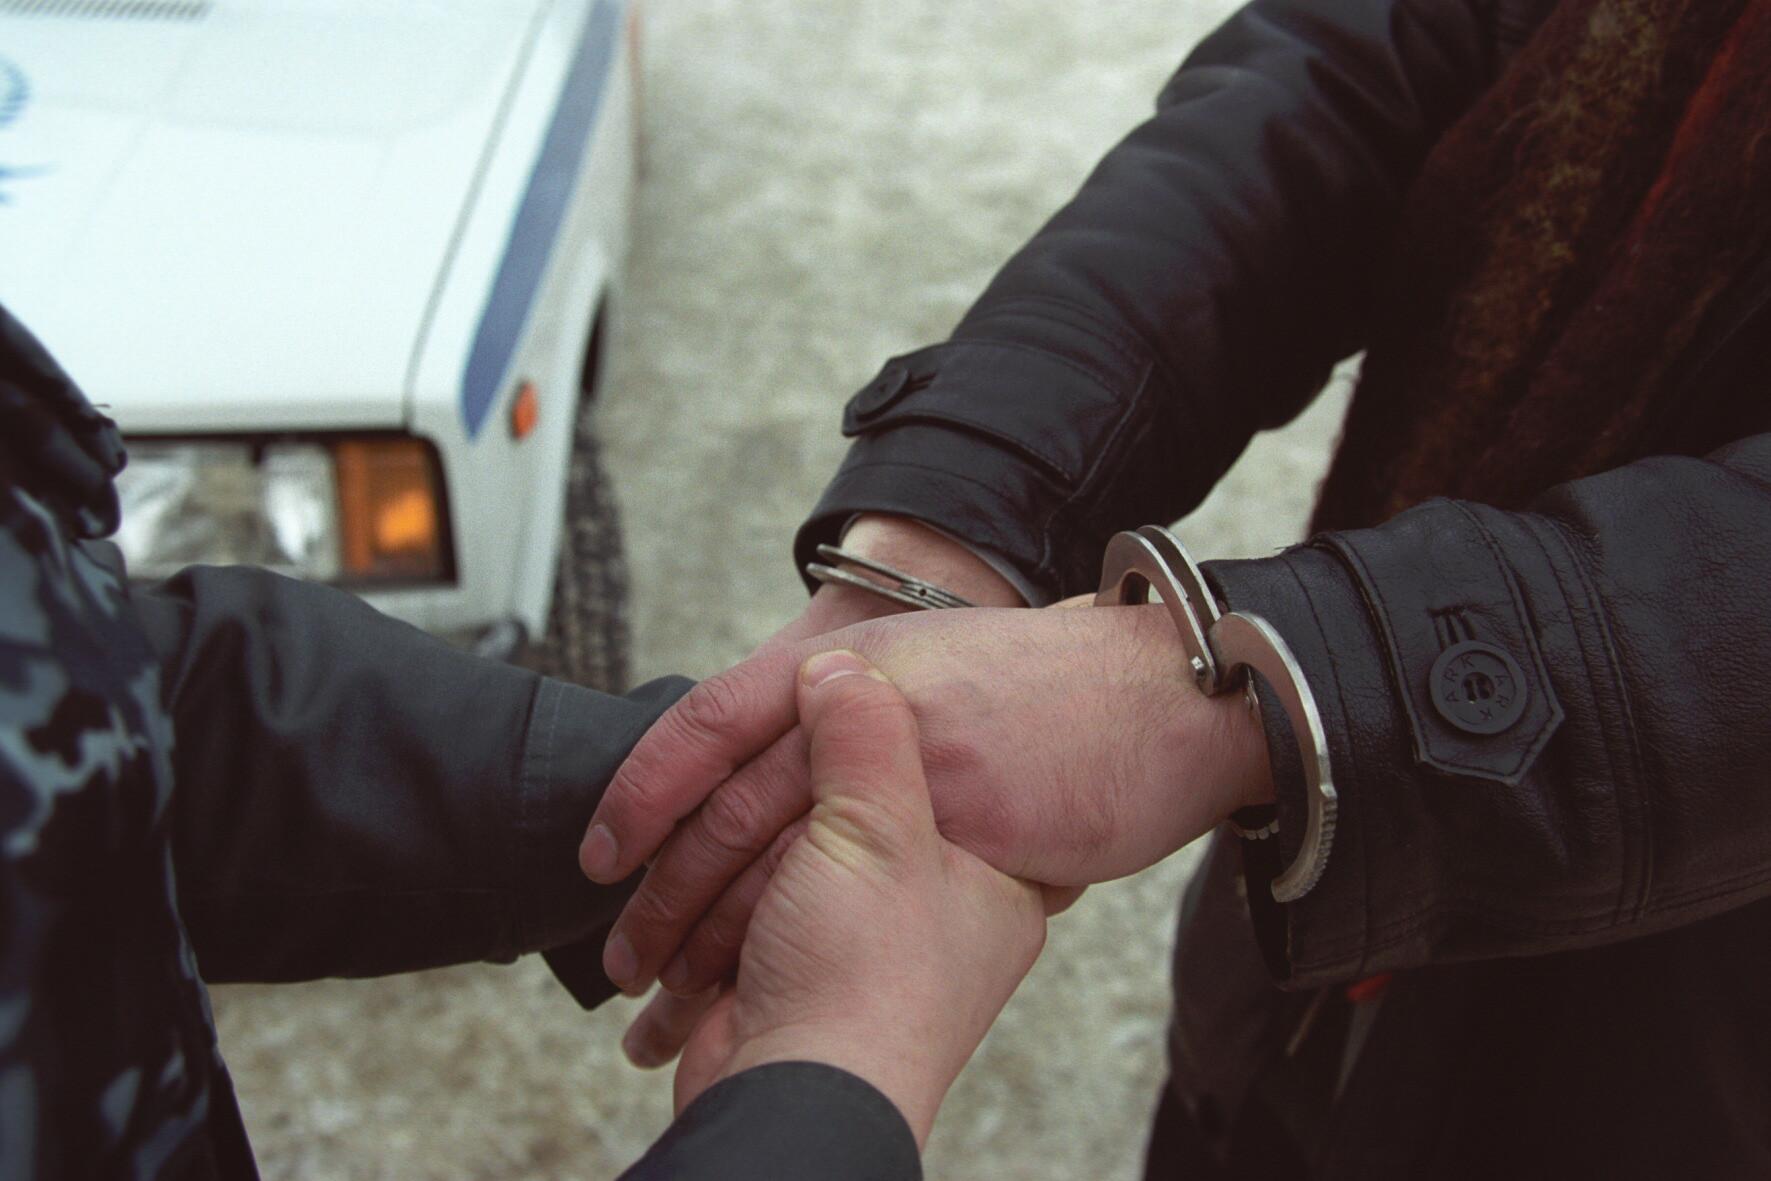 ВАрхангельске два уголовника ограбили 80-летнего пенсионера